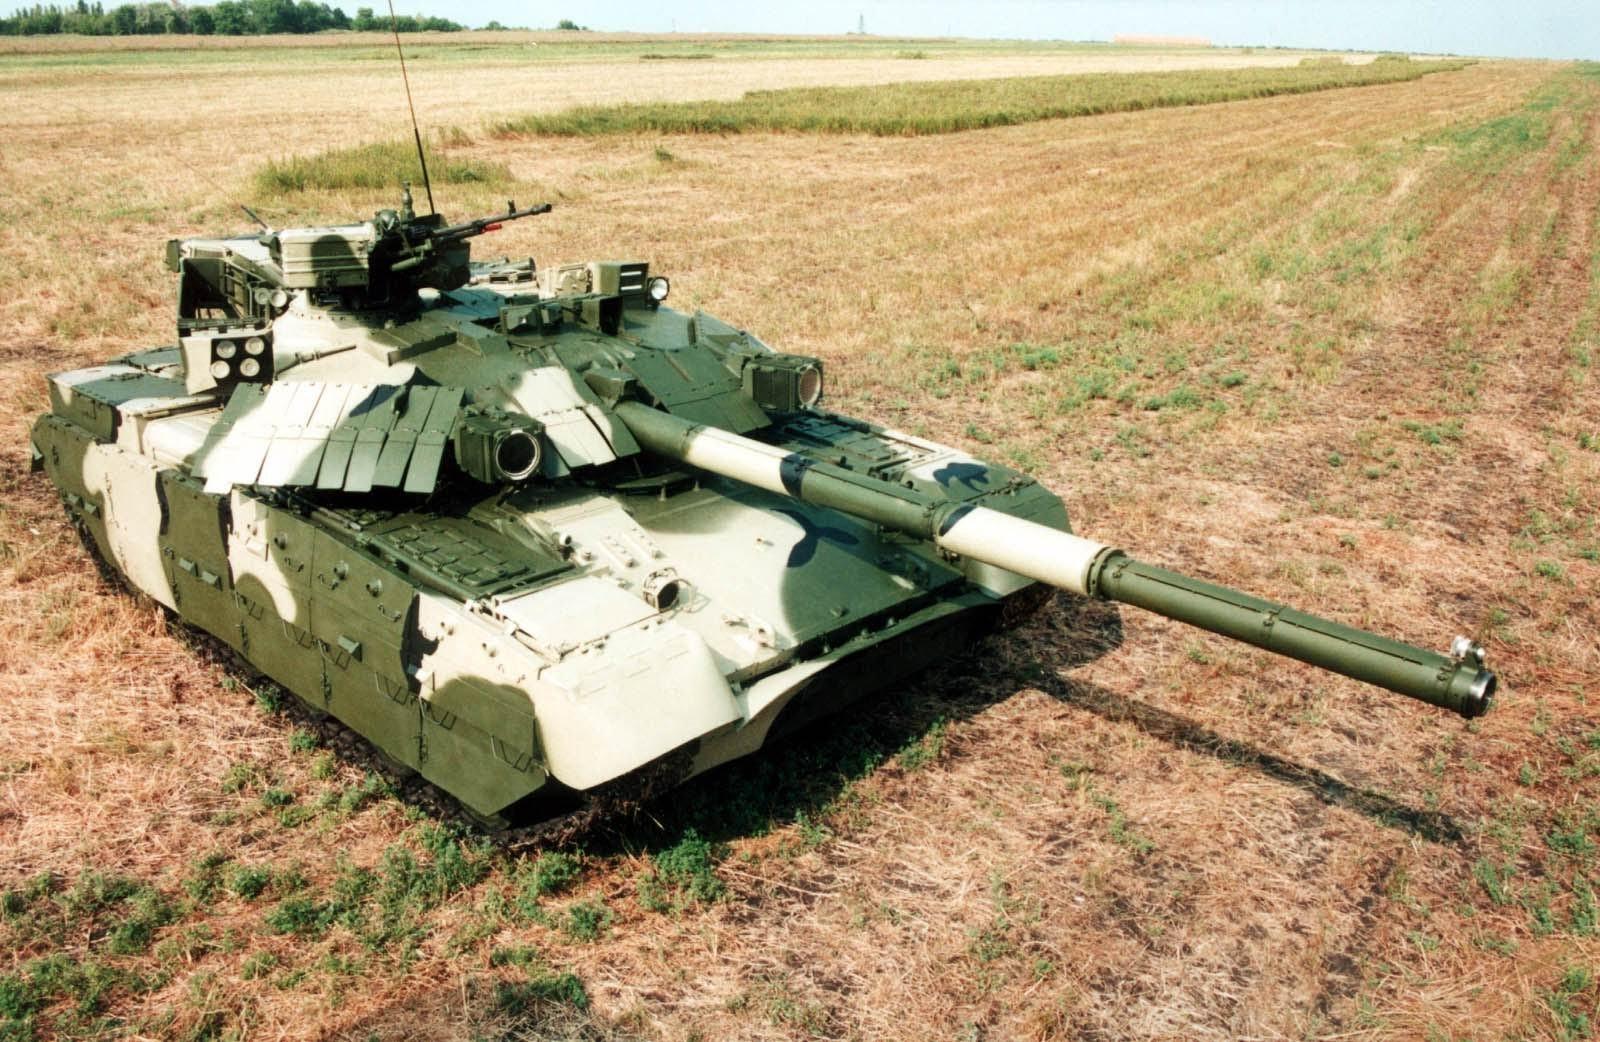 Танк Т-84У Оплот (об'єкт 478ДУ9)